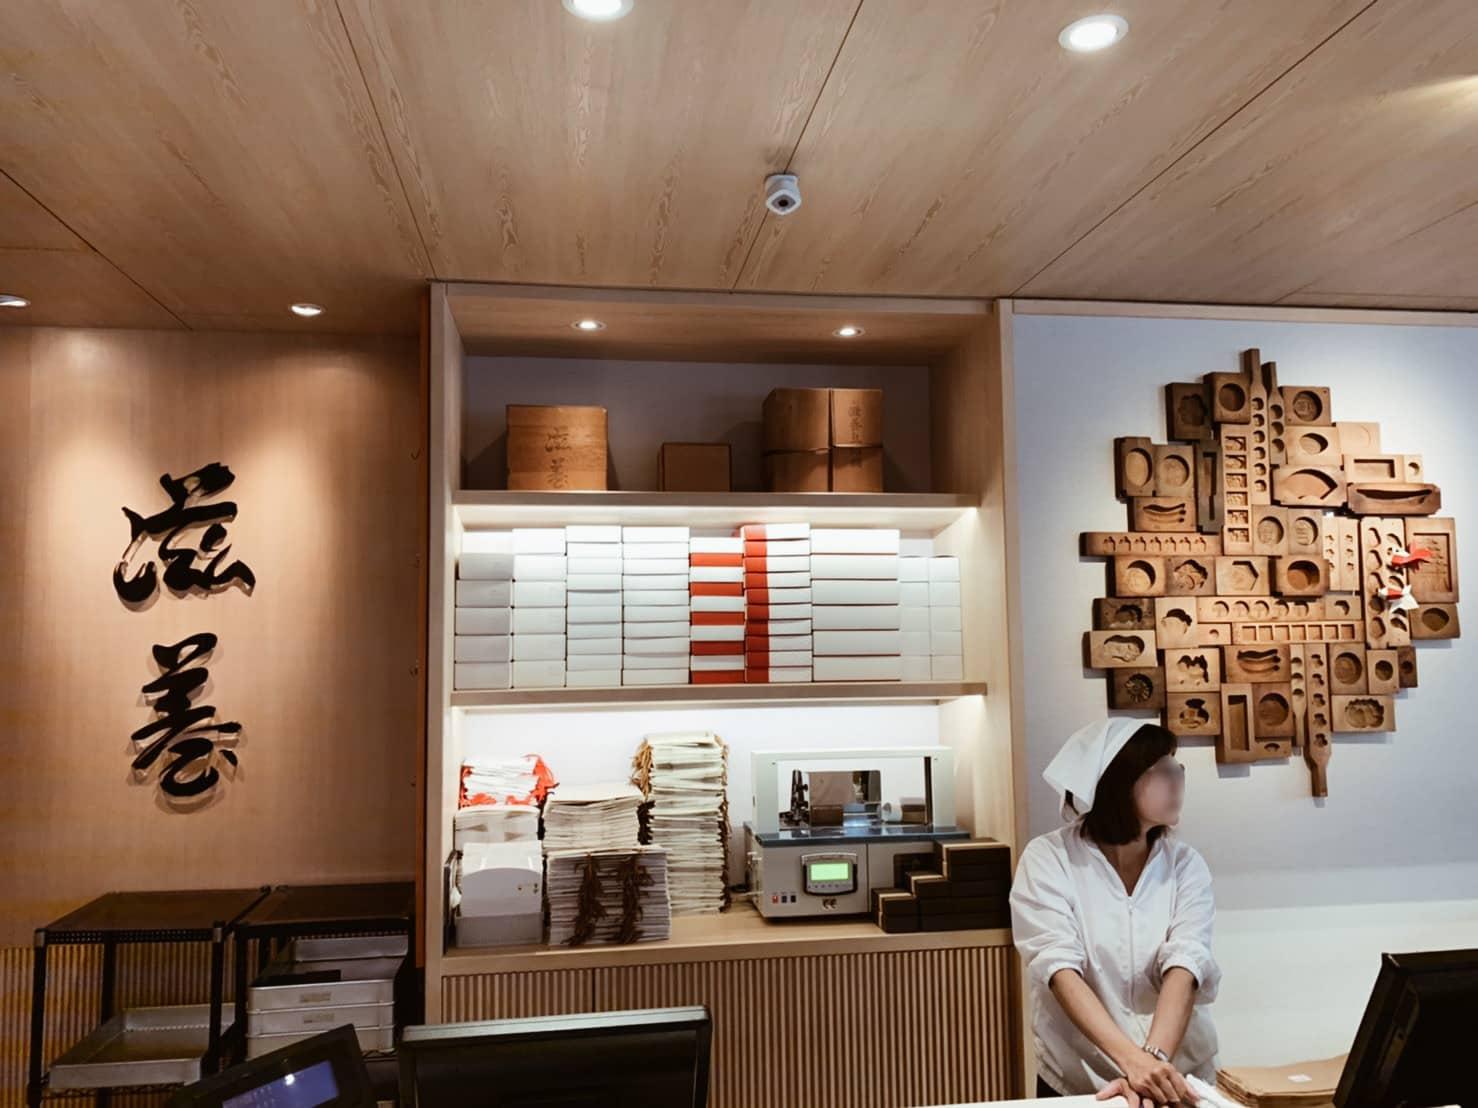 《台北》お土産選びにおすすめのお店3選♪ 一風変わったパイナップルケーキとは?【 #TOKYOPANDA のおすすめ台湾情報 】_7